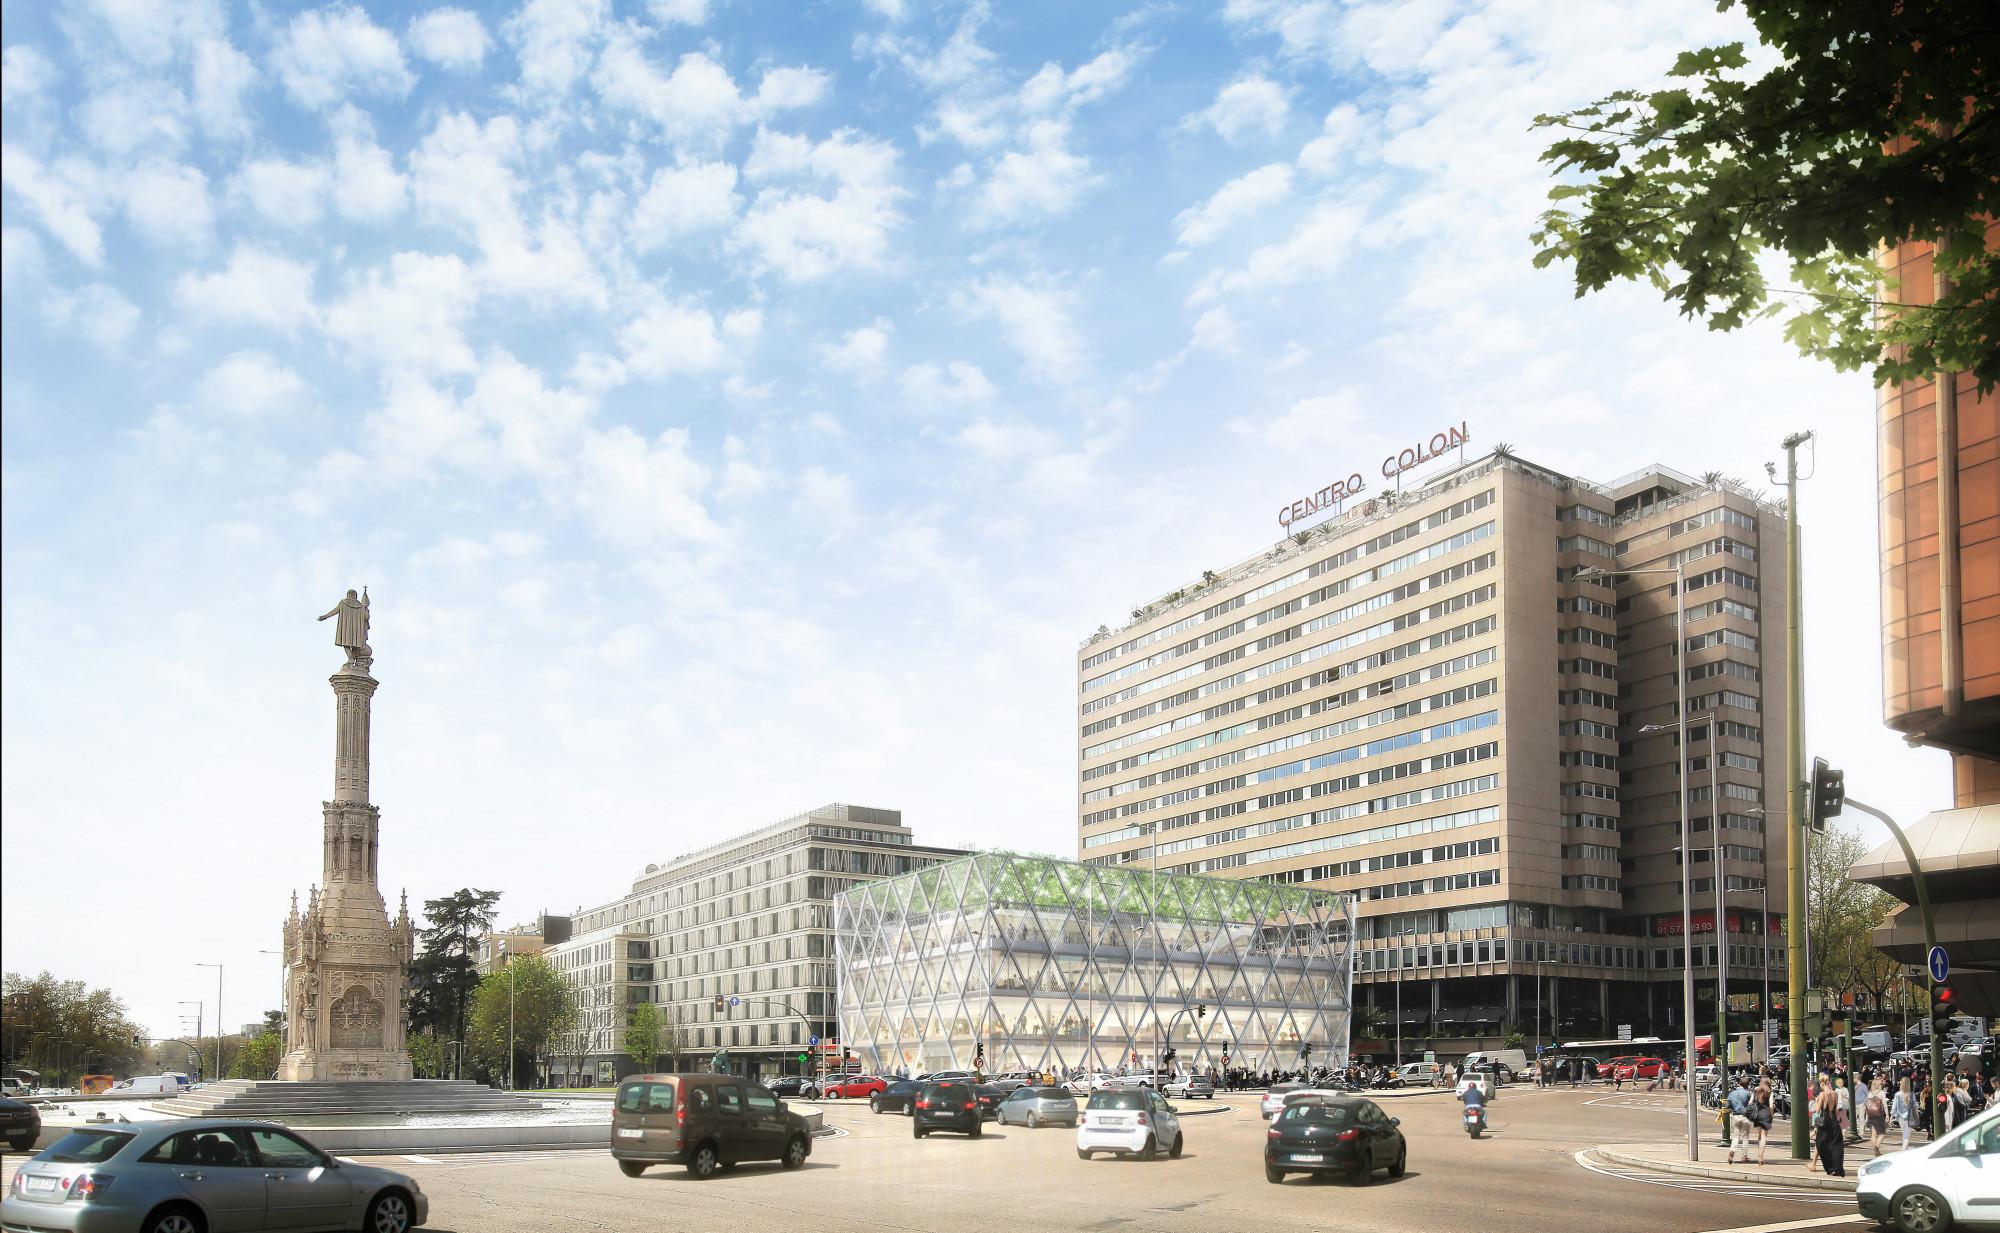 O edifício está situado na Plaza de Colón, 1